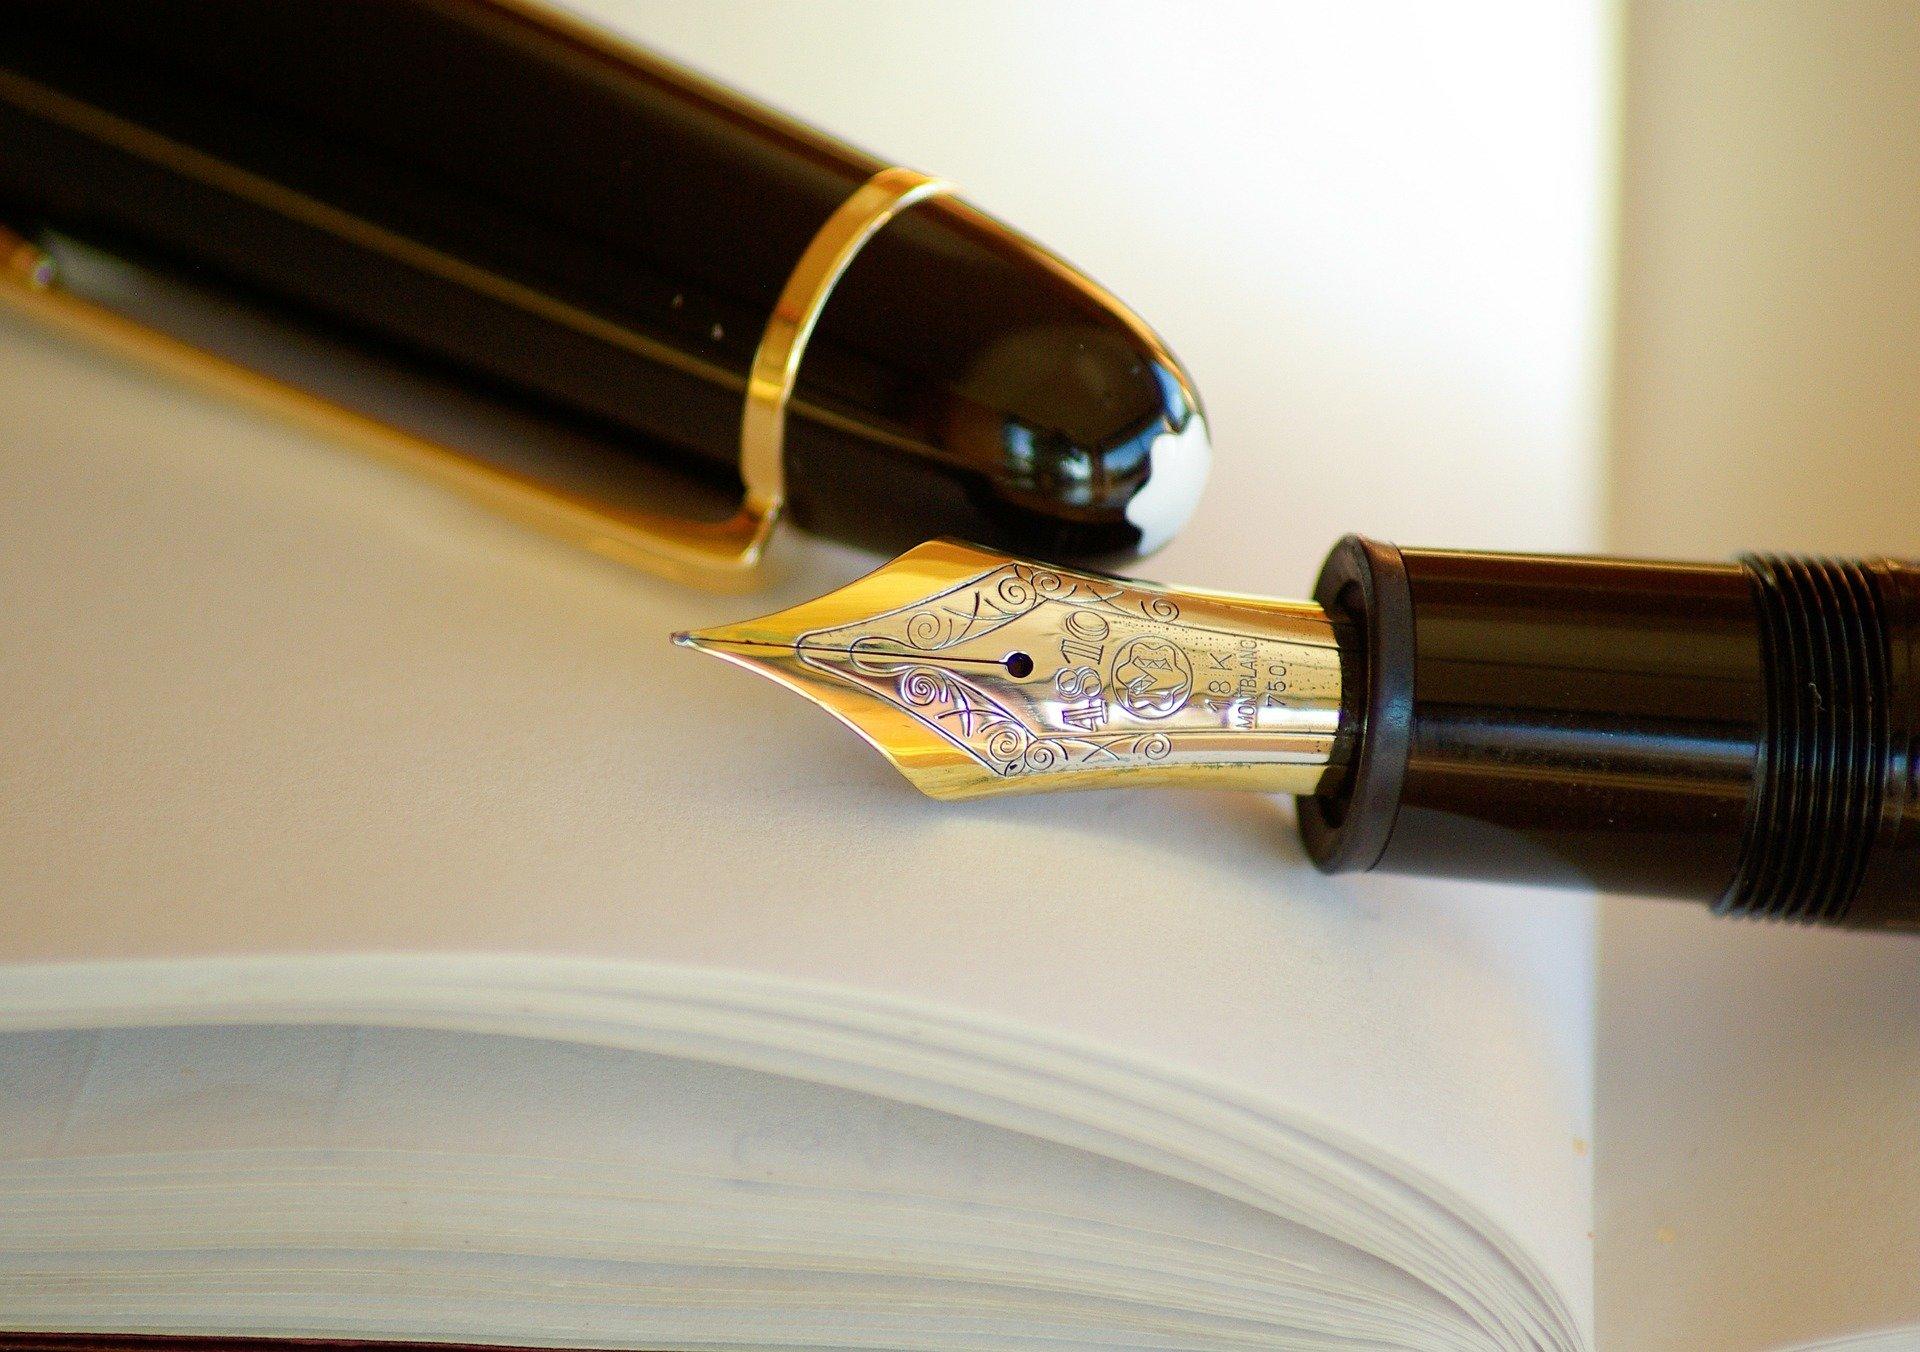 Okładka - pisać poezję Źródło: pixabay, licencja: CC 0.